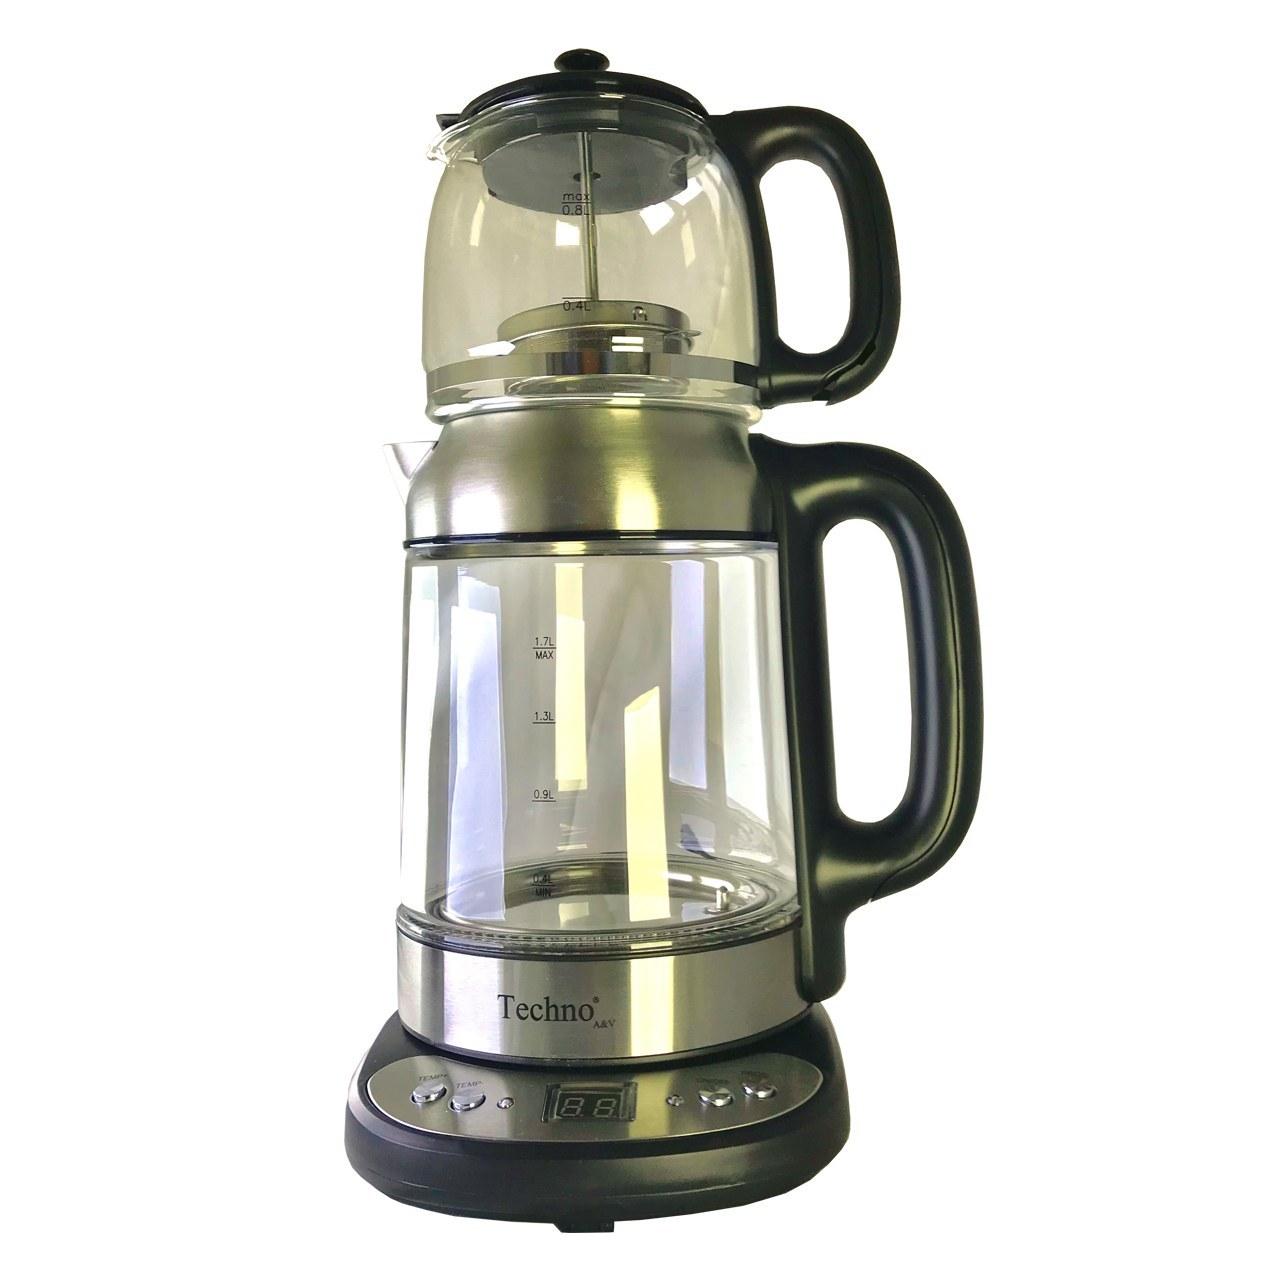 تصویر چای ساز تکنو  پیرکس TE-911